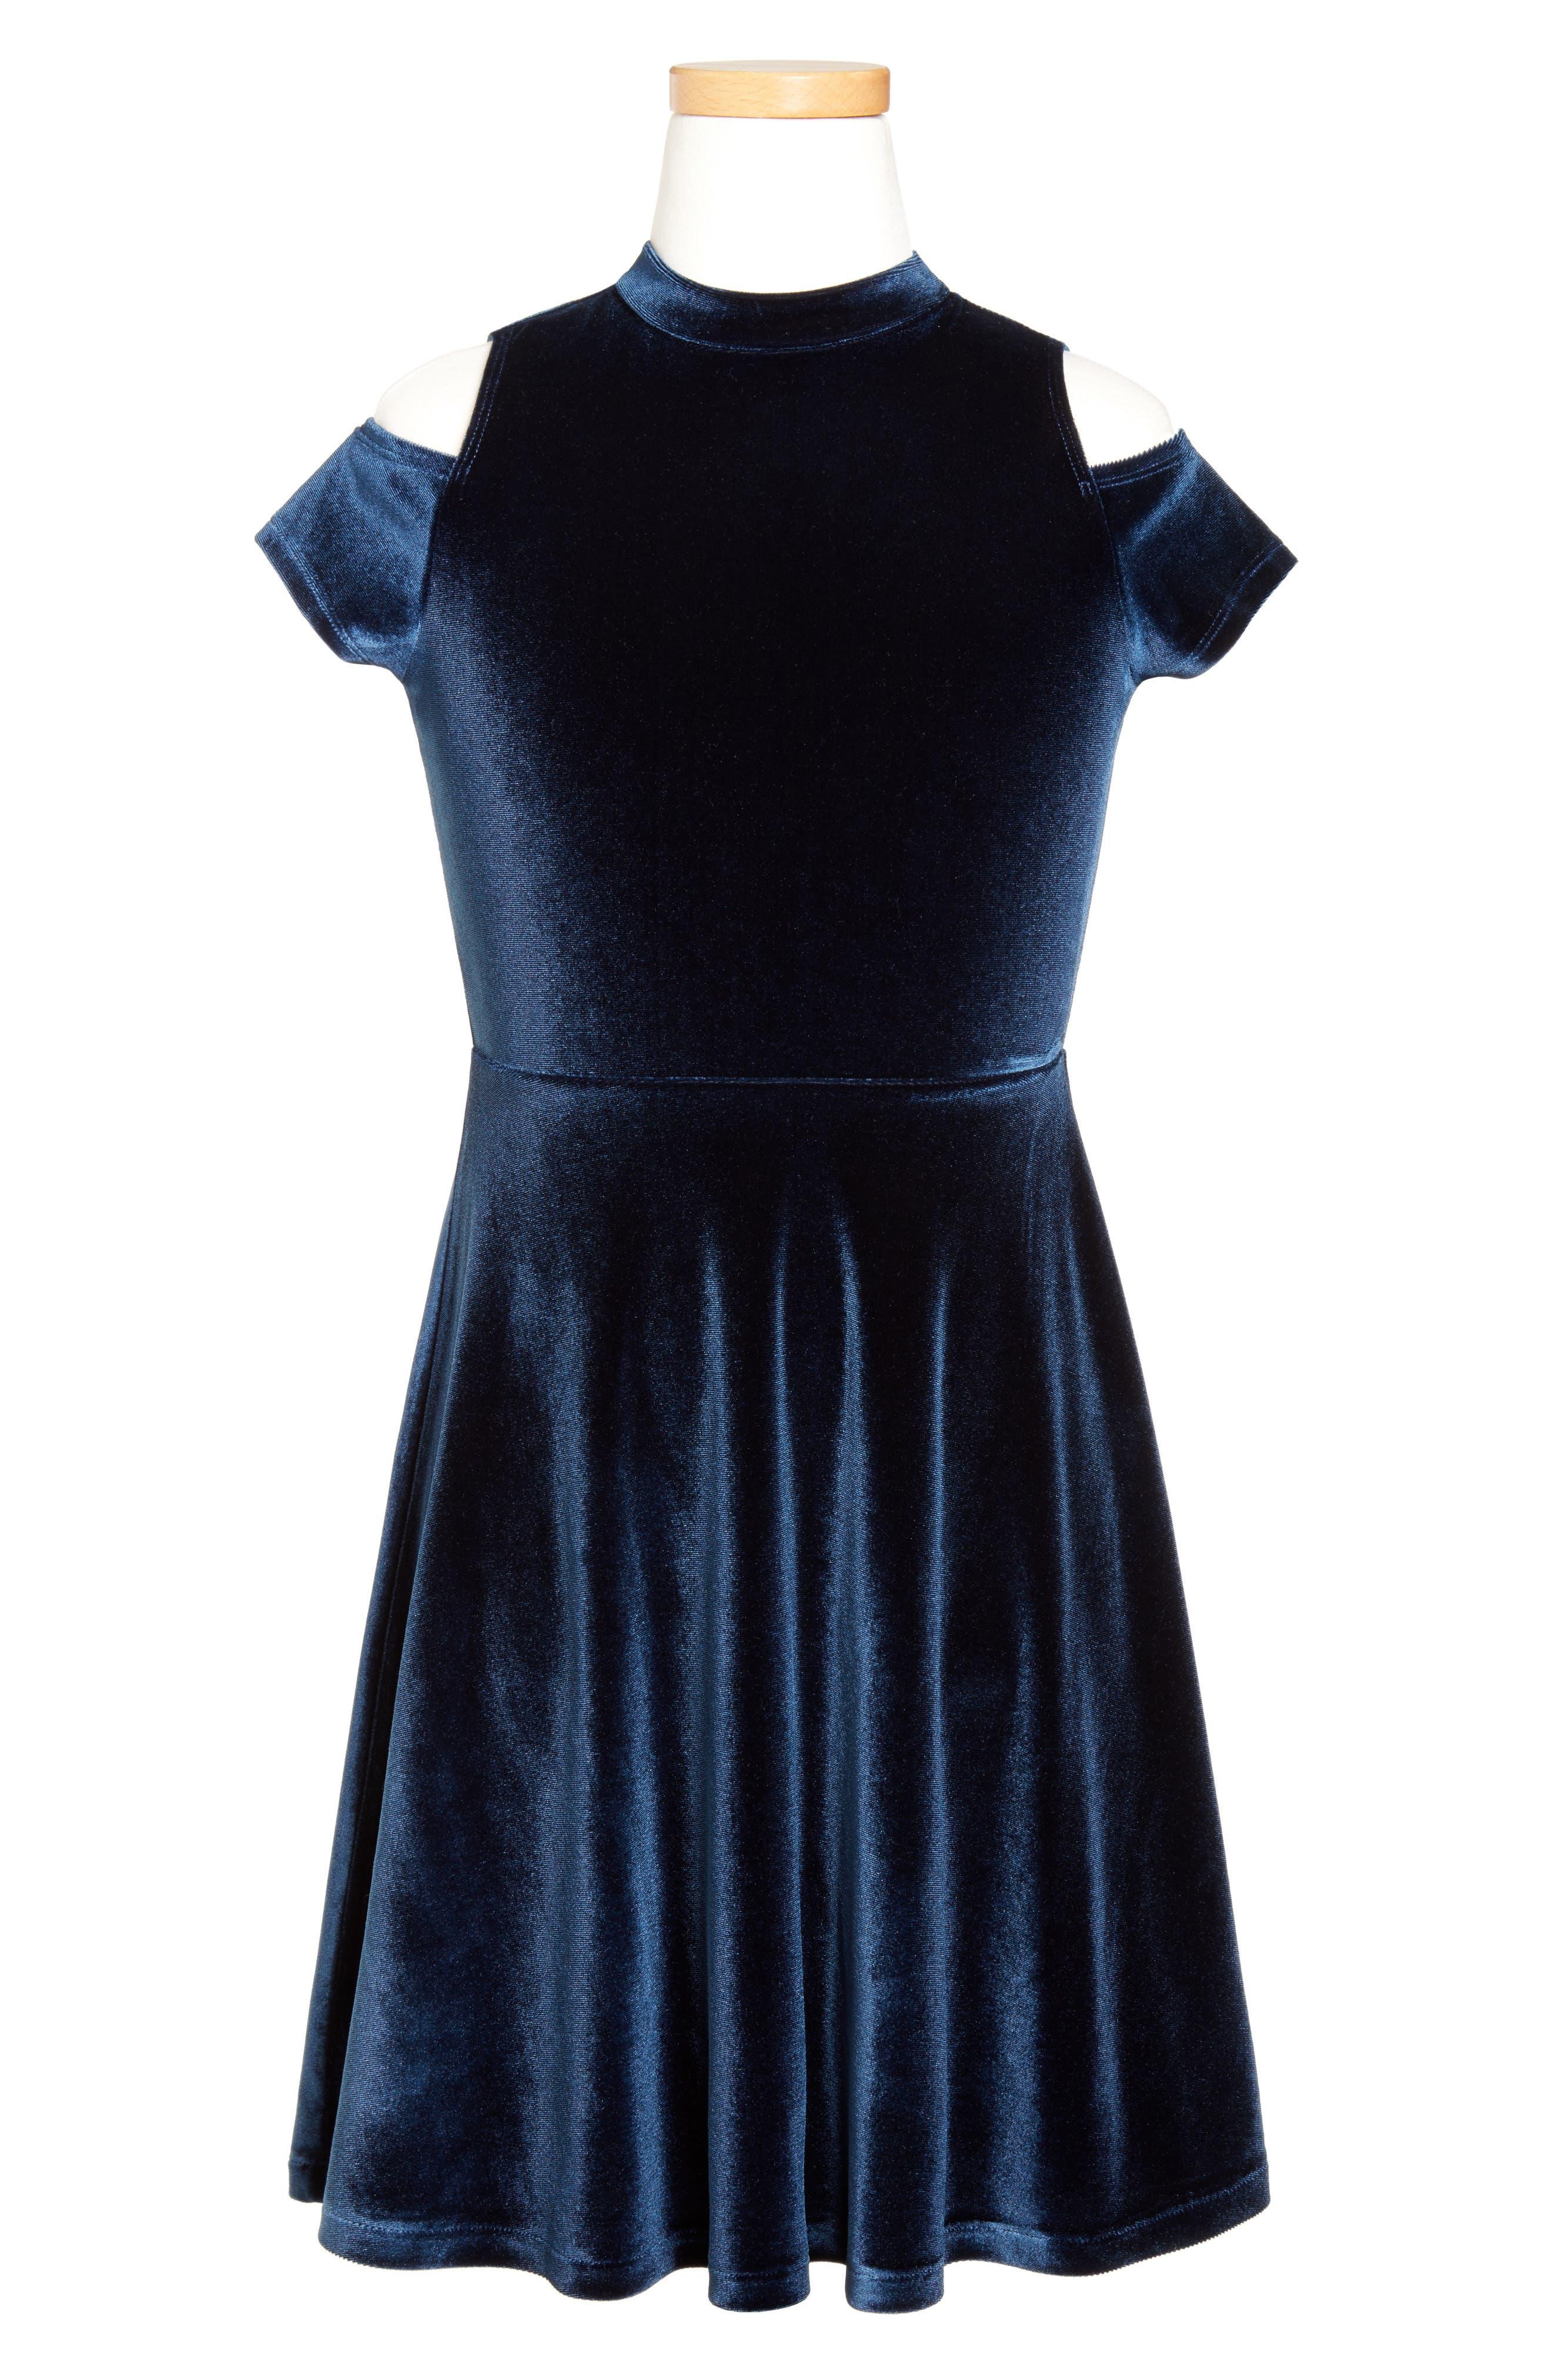 Main Image - Ruby & Bloom Velour Cold Shoulder Dress (Big Girls)